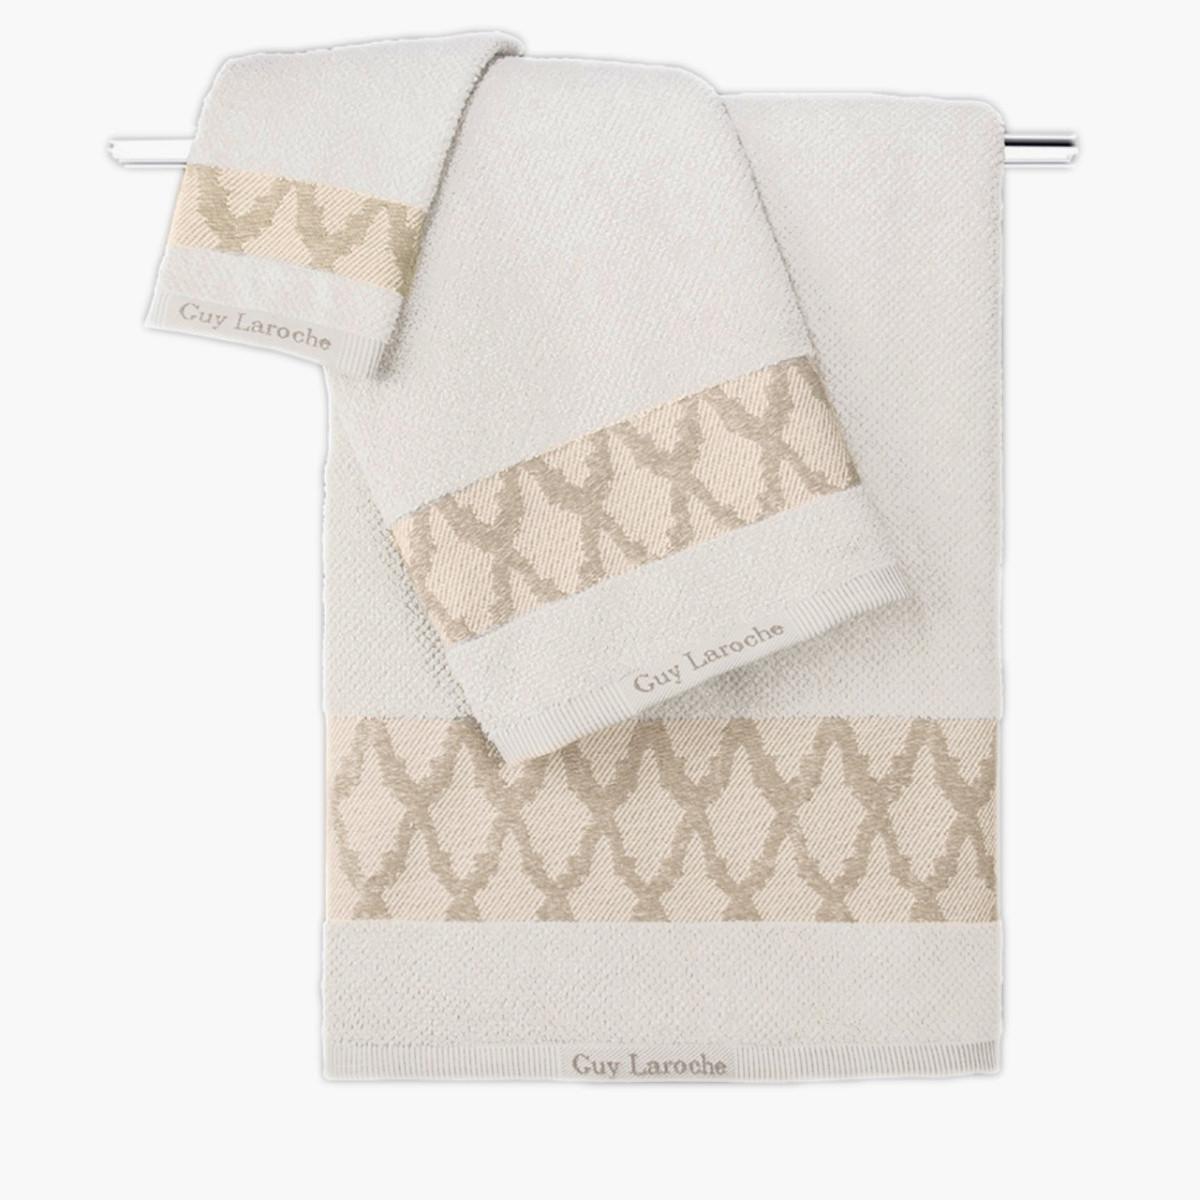 Πετσέτες Μπάνιου (Σετ 3τμχ) Guy Laroche Carlin Cream